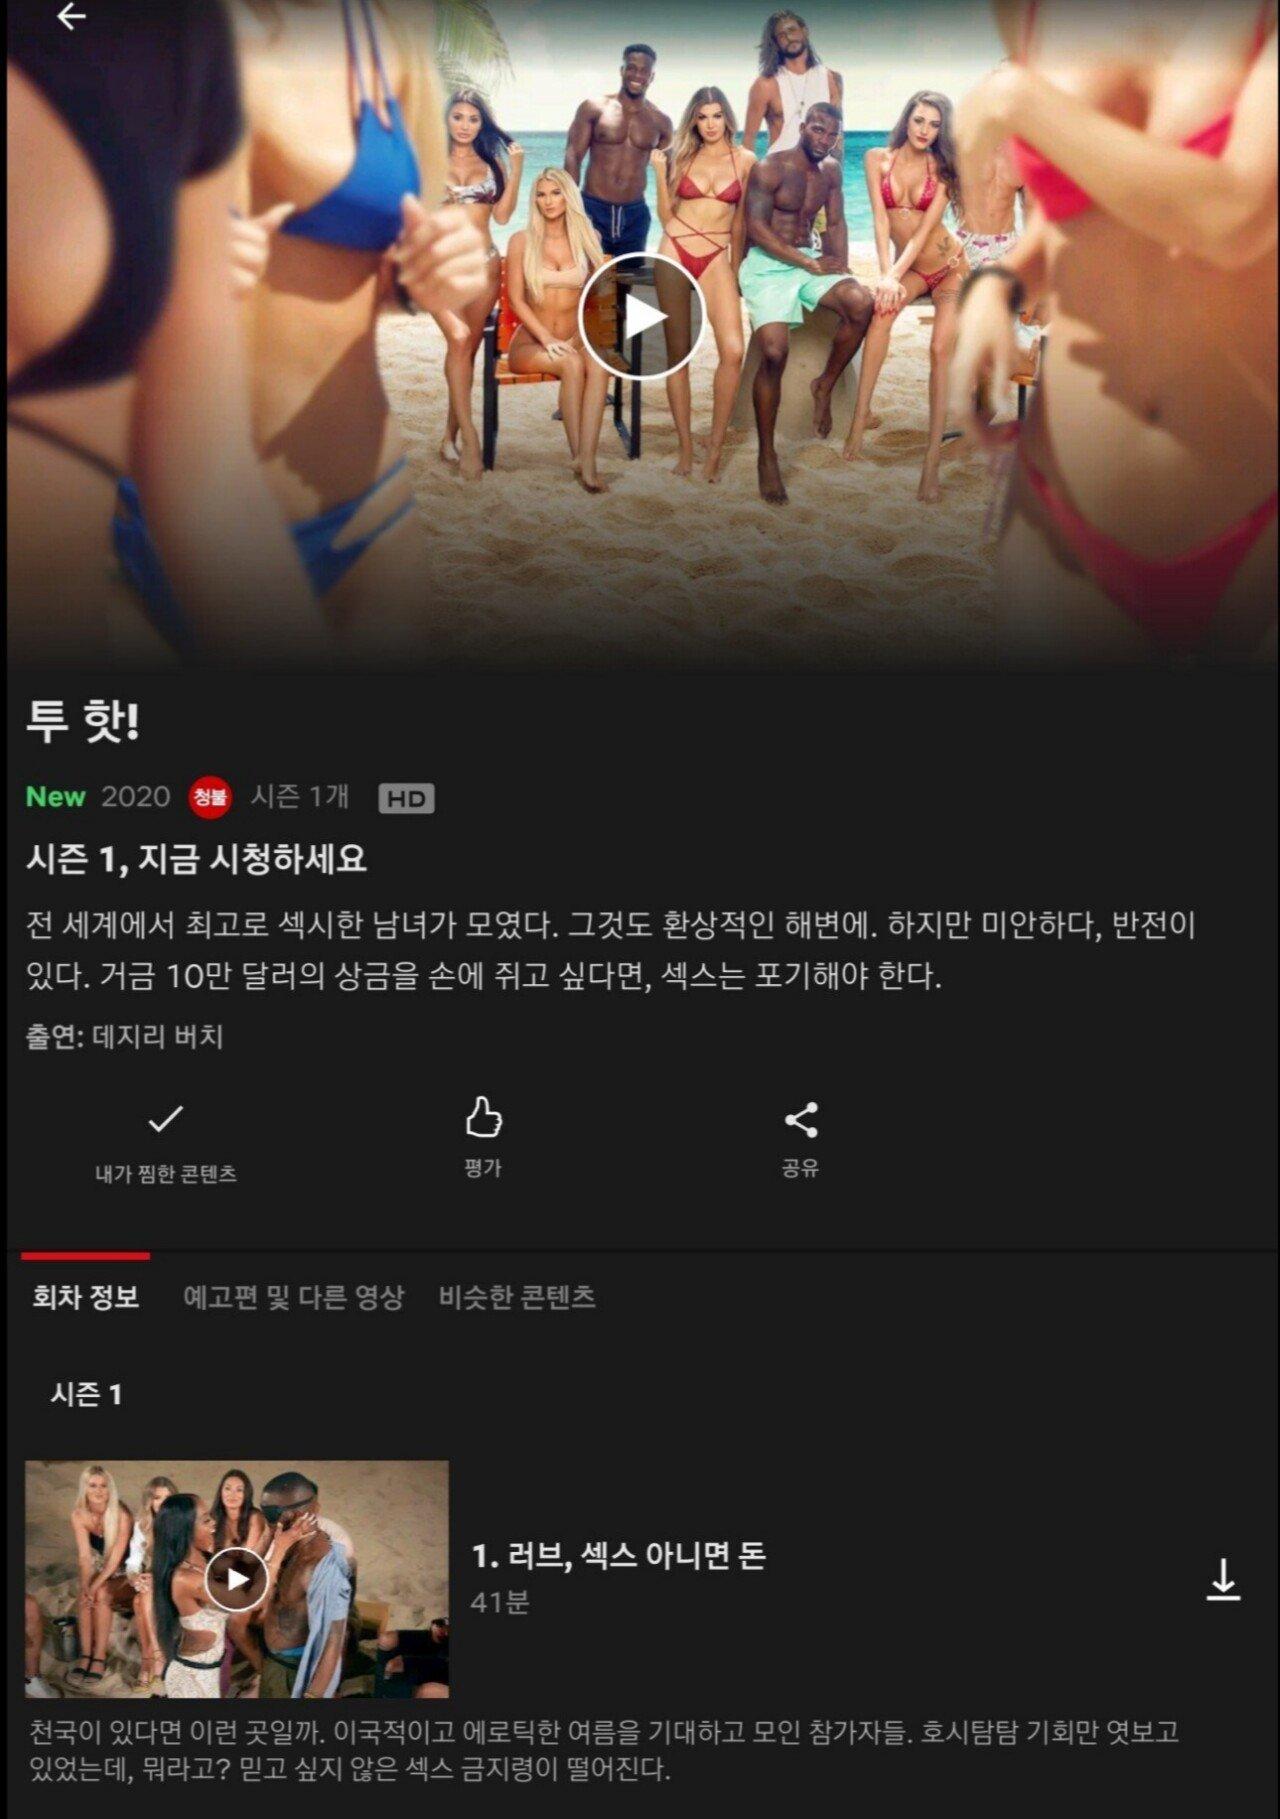 20210422_101023.jpg 넷플릭스 연애프로그램 투핫 한국판 제작확정..jpg